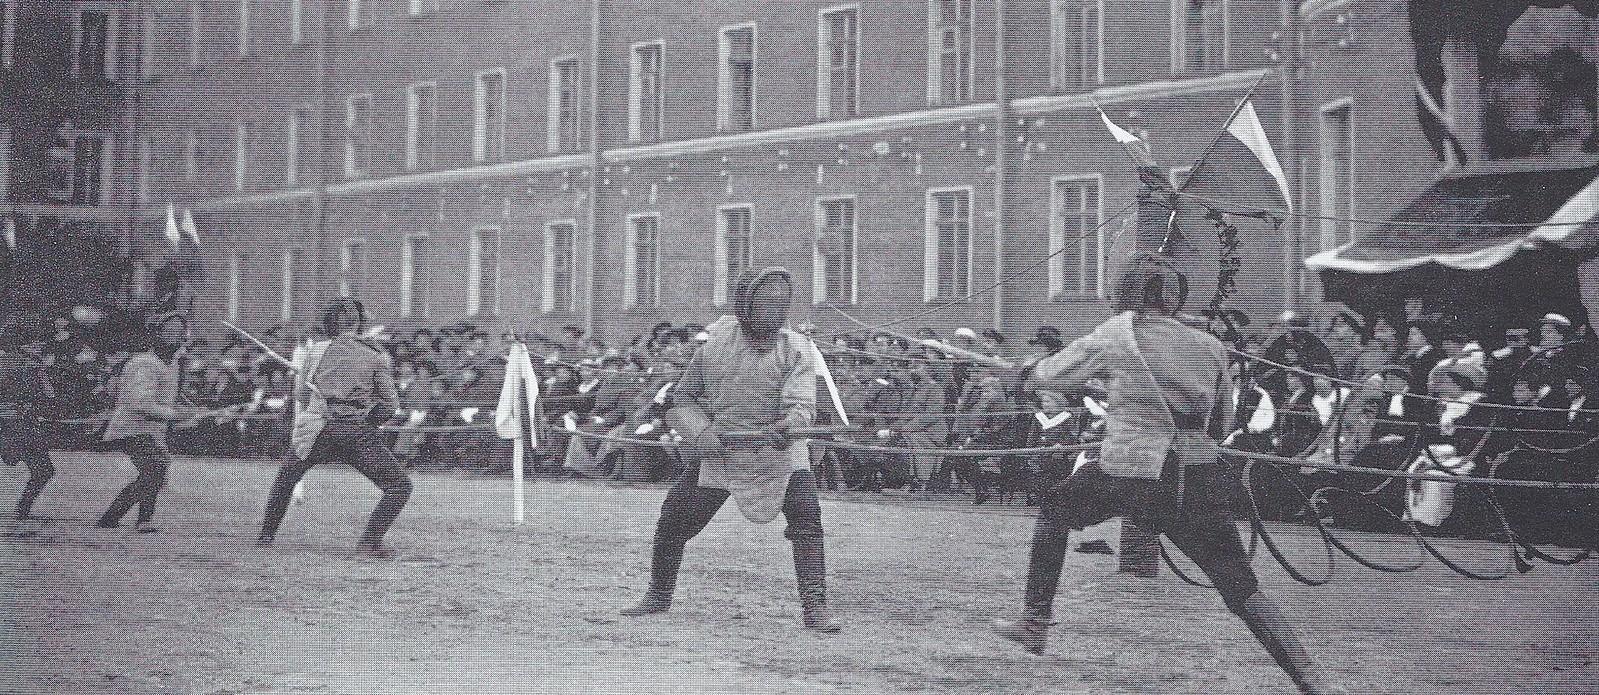 1913. Празднование 50-летнего юбилея Павловского военного училища